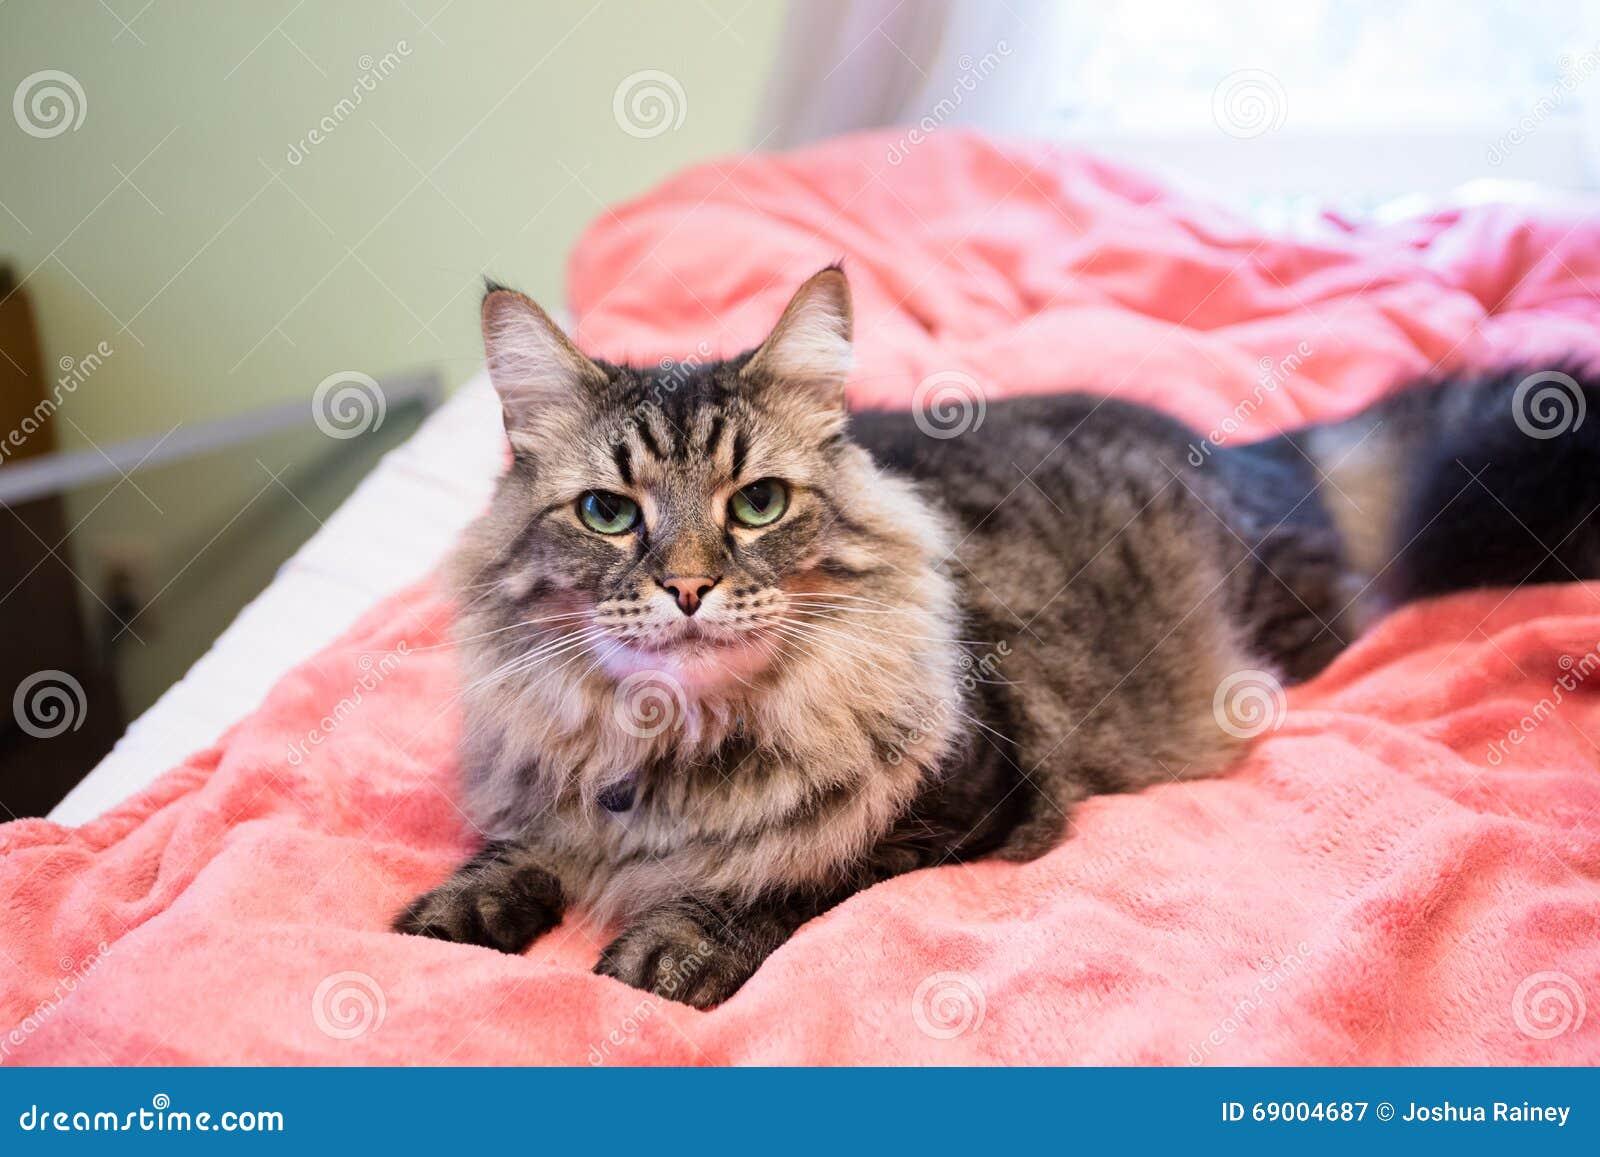 chat sur le lit avec la couverture rose image stock image du reste pets 69004687. Black Bedroom Furniture Sets. Home Design Ideas